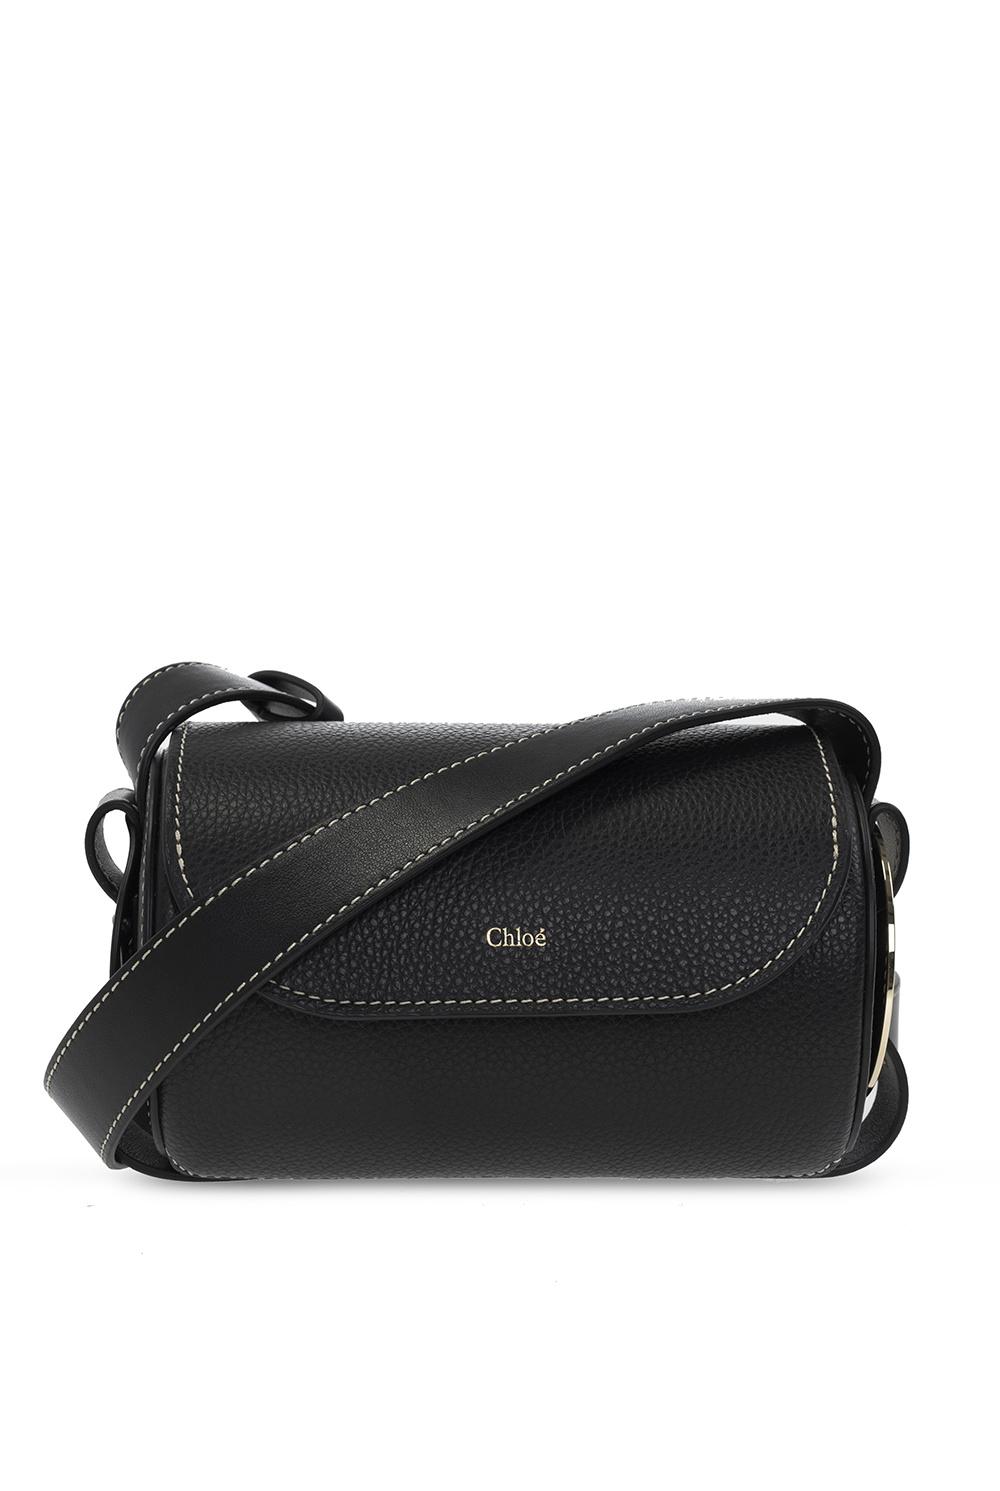 Chloé 'Darryl' shoulder bag